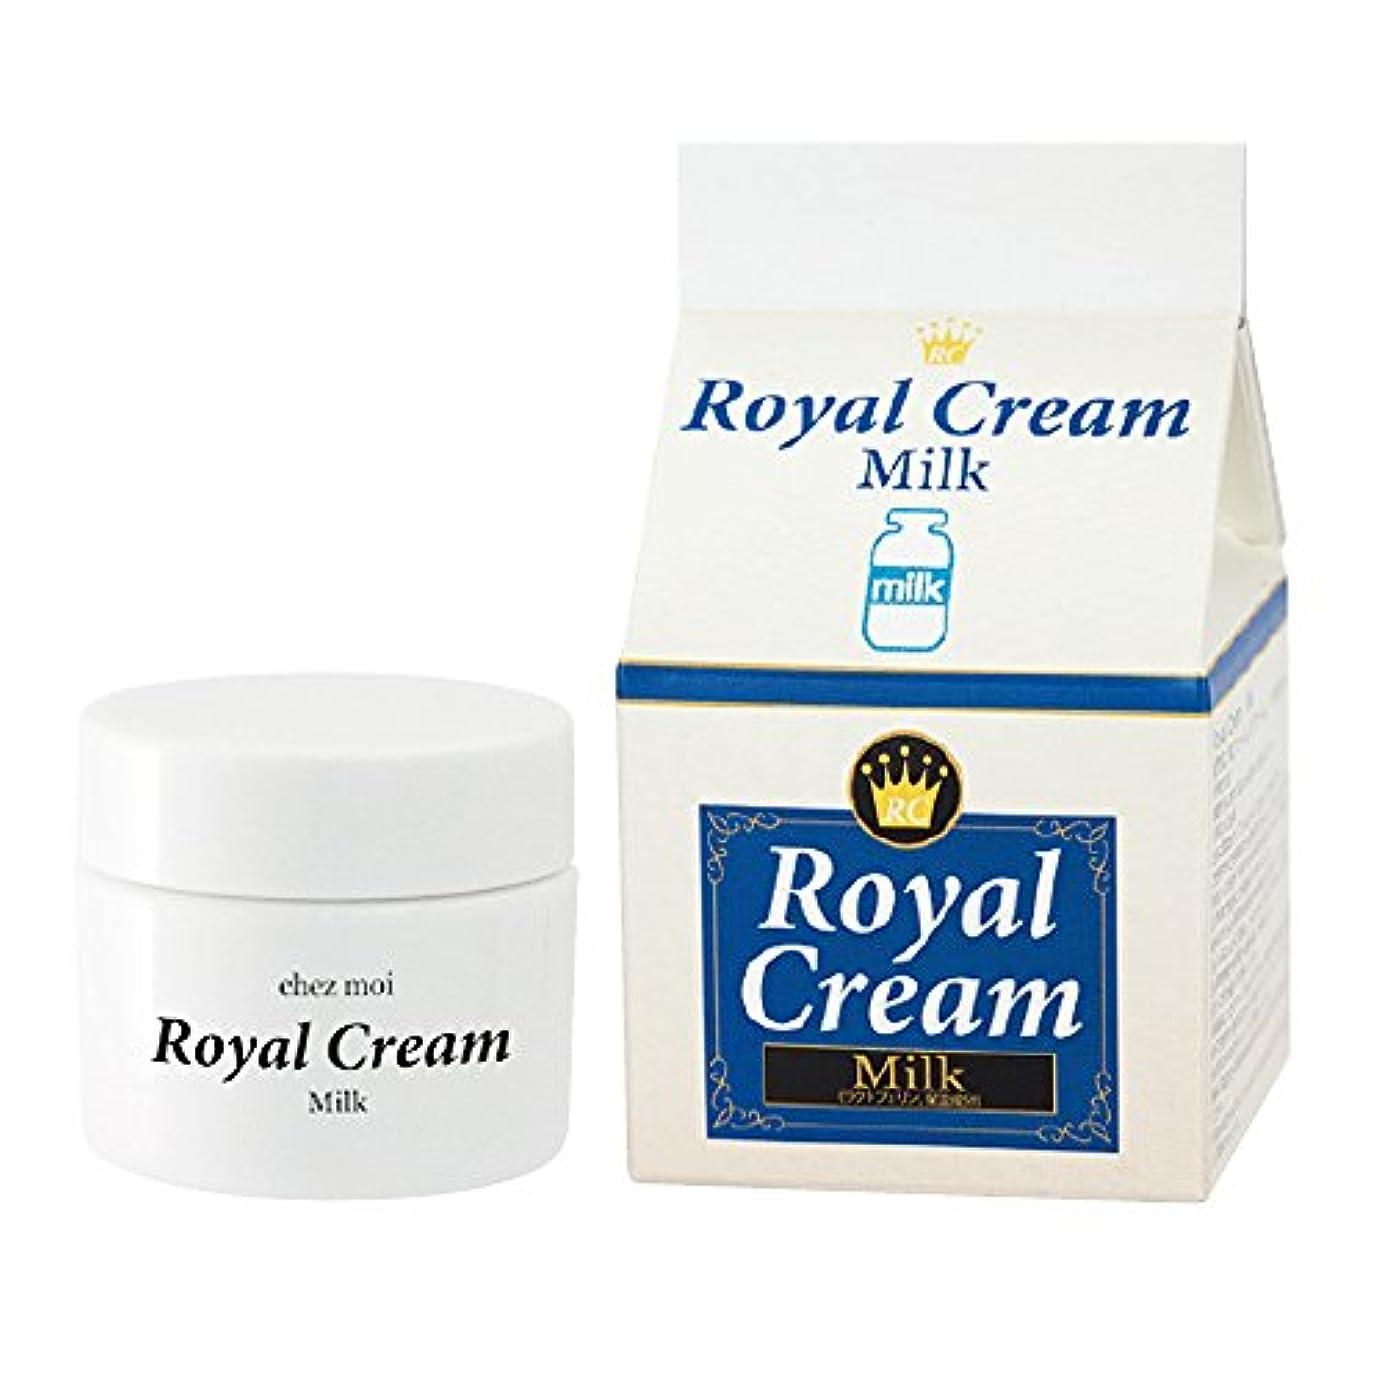 不完全誤ルーチンシェモア Royal Cream(ロイヤルクリーム) Milk(ミルク) 30g